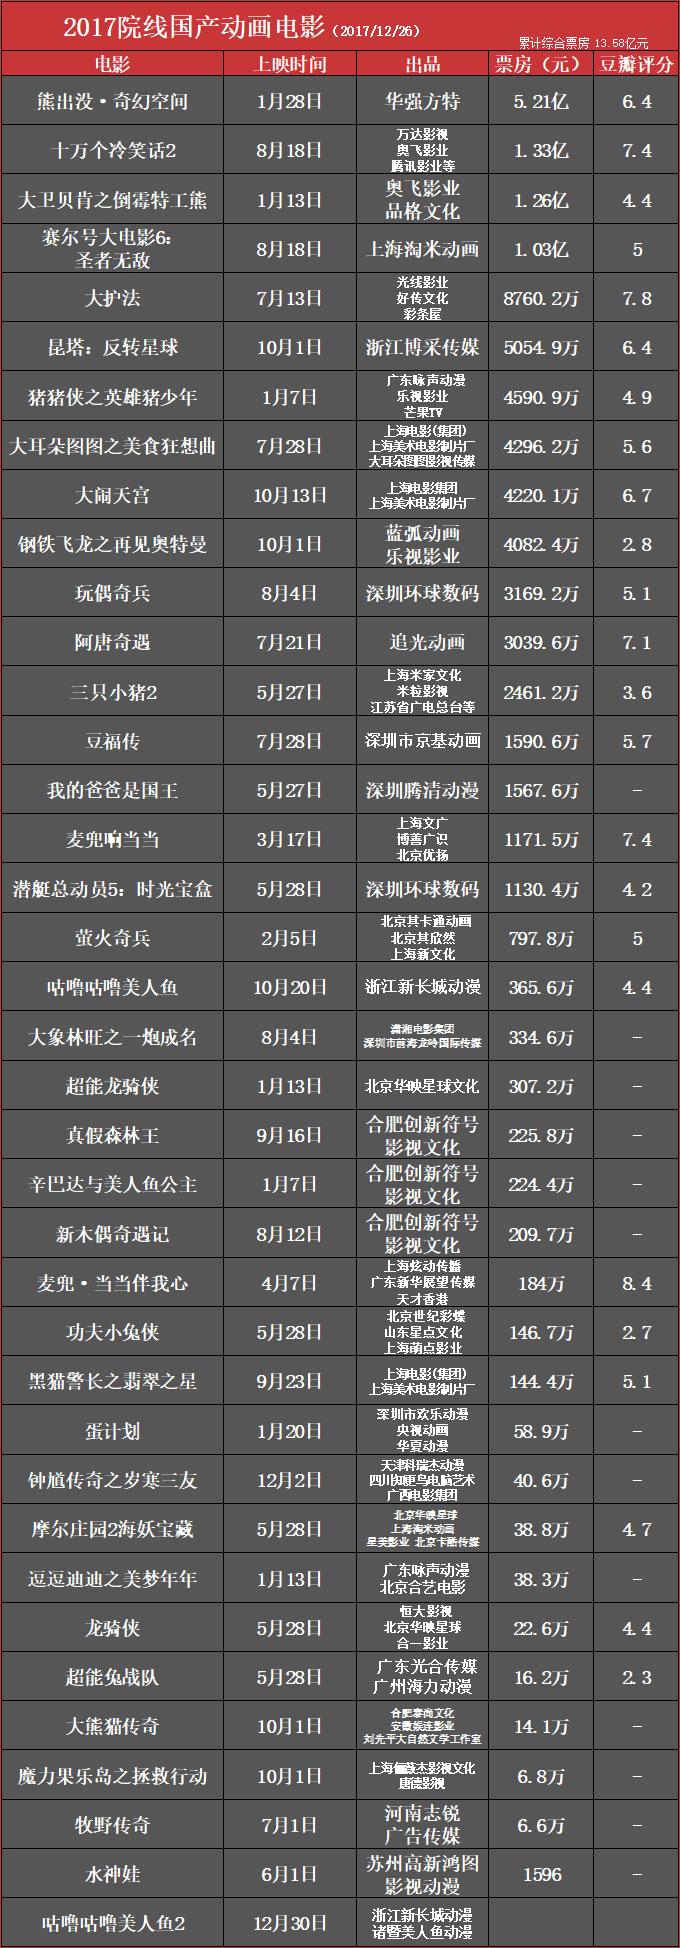 2017院线国产动画电影.jpg